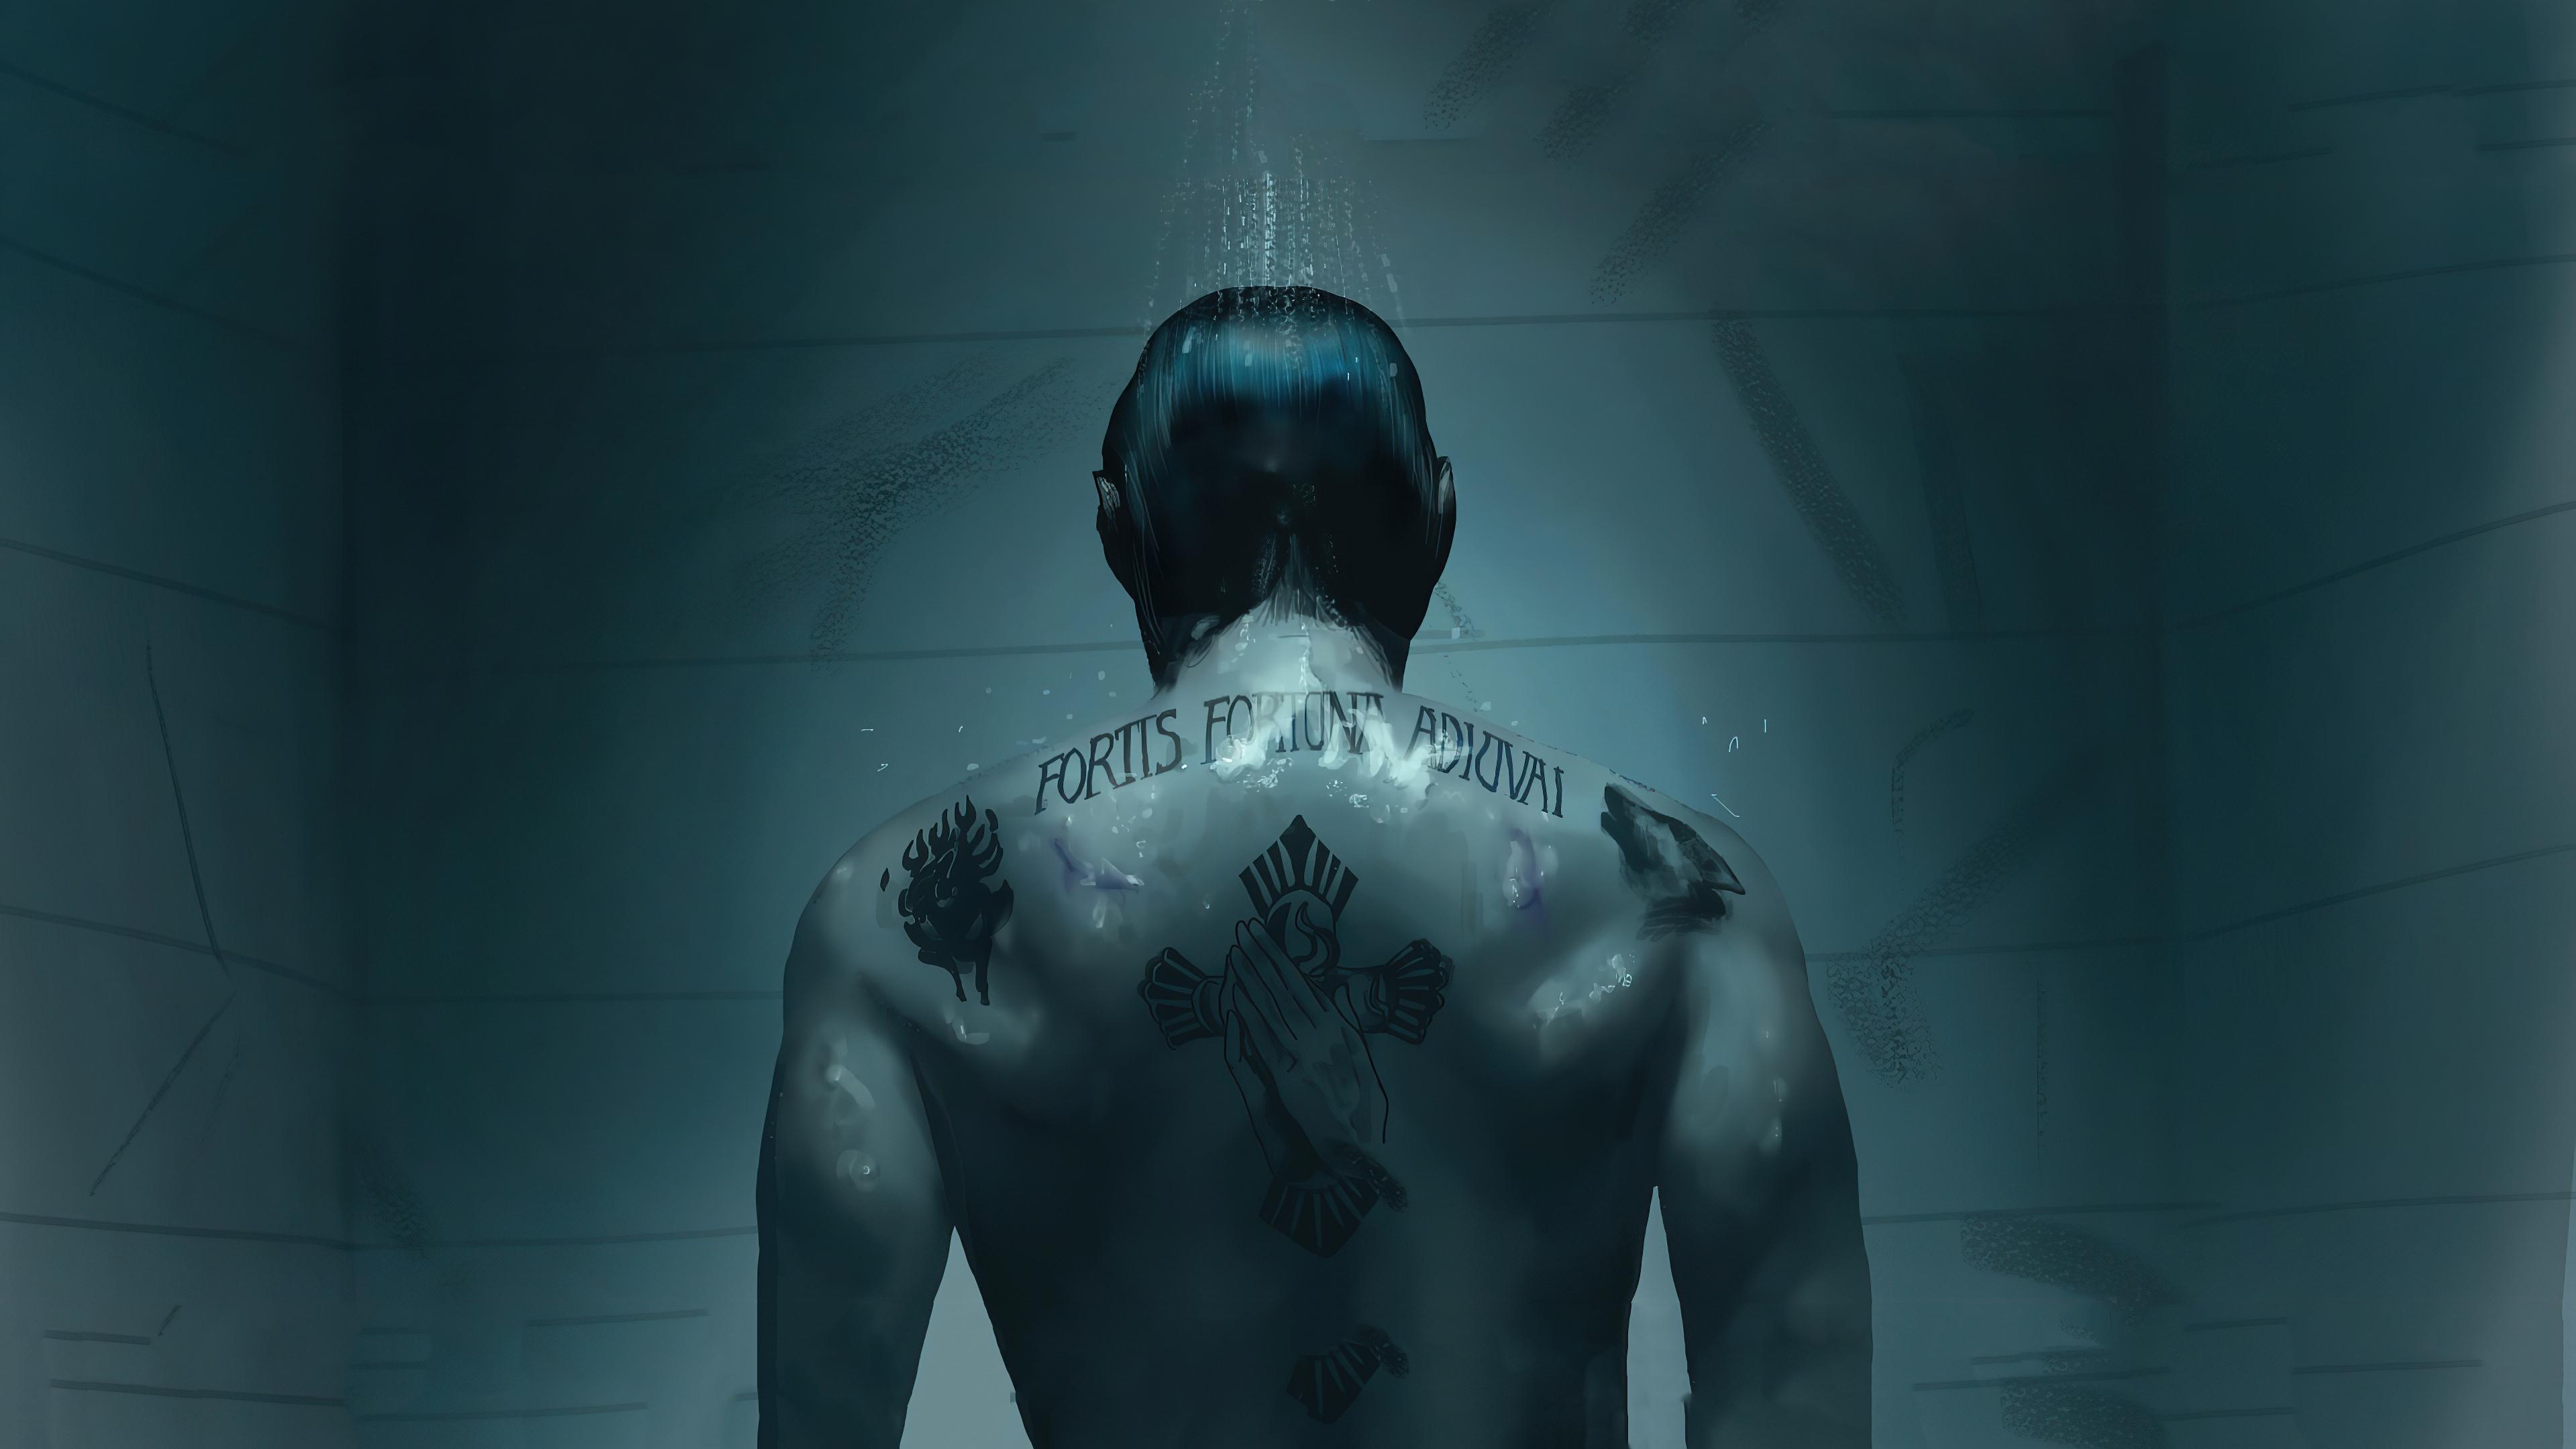 john wick tattoo 1602347602 - John Wick Tattoo - John Wick Tattoo 4k wallpapers